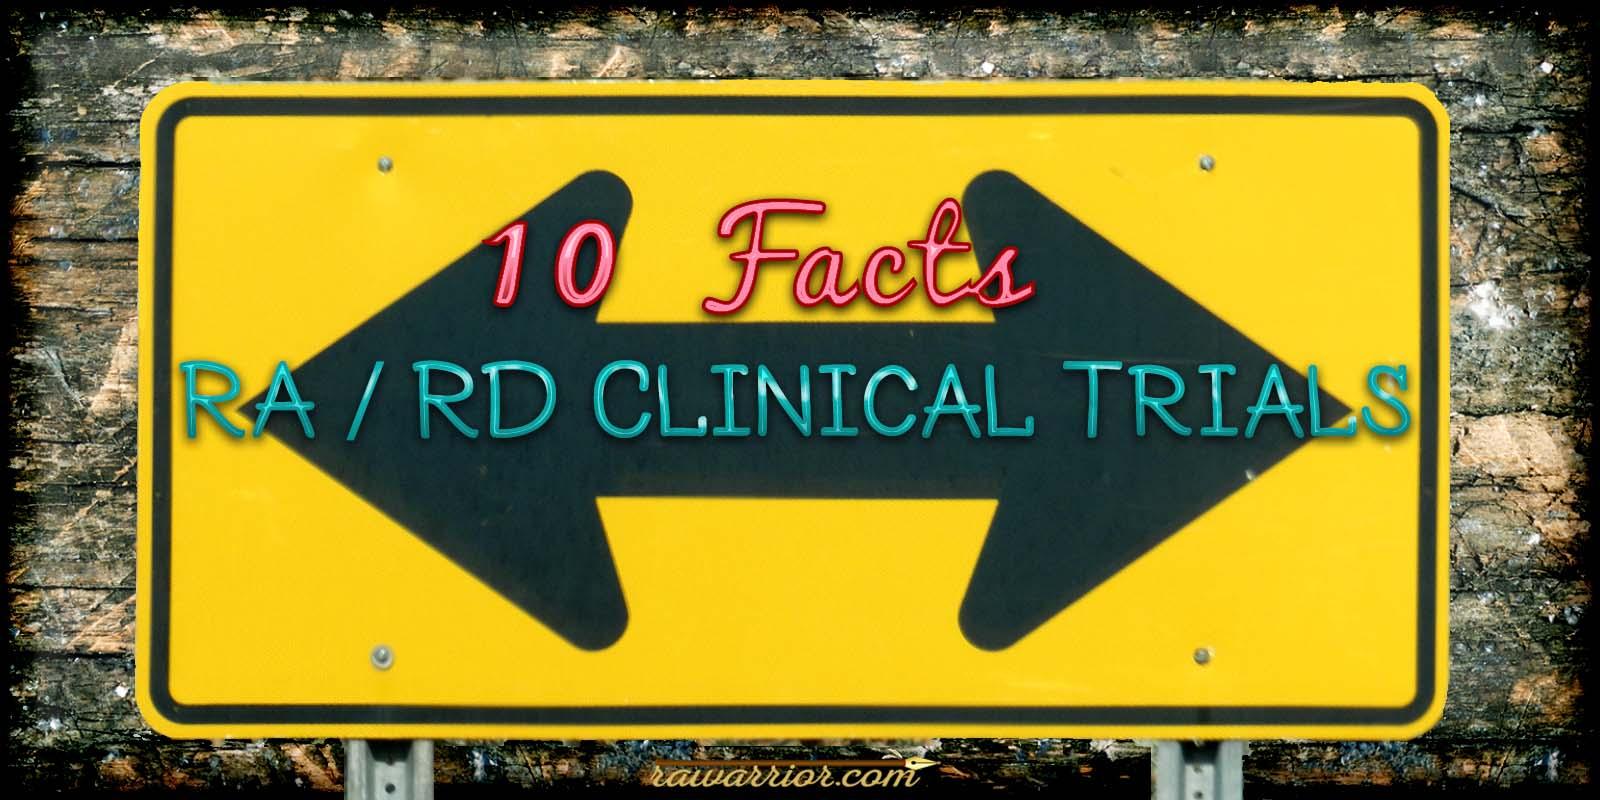 Rheumatoid Arthritis Clinical Trials: 10 Facts